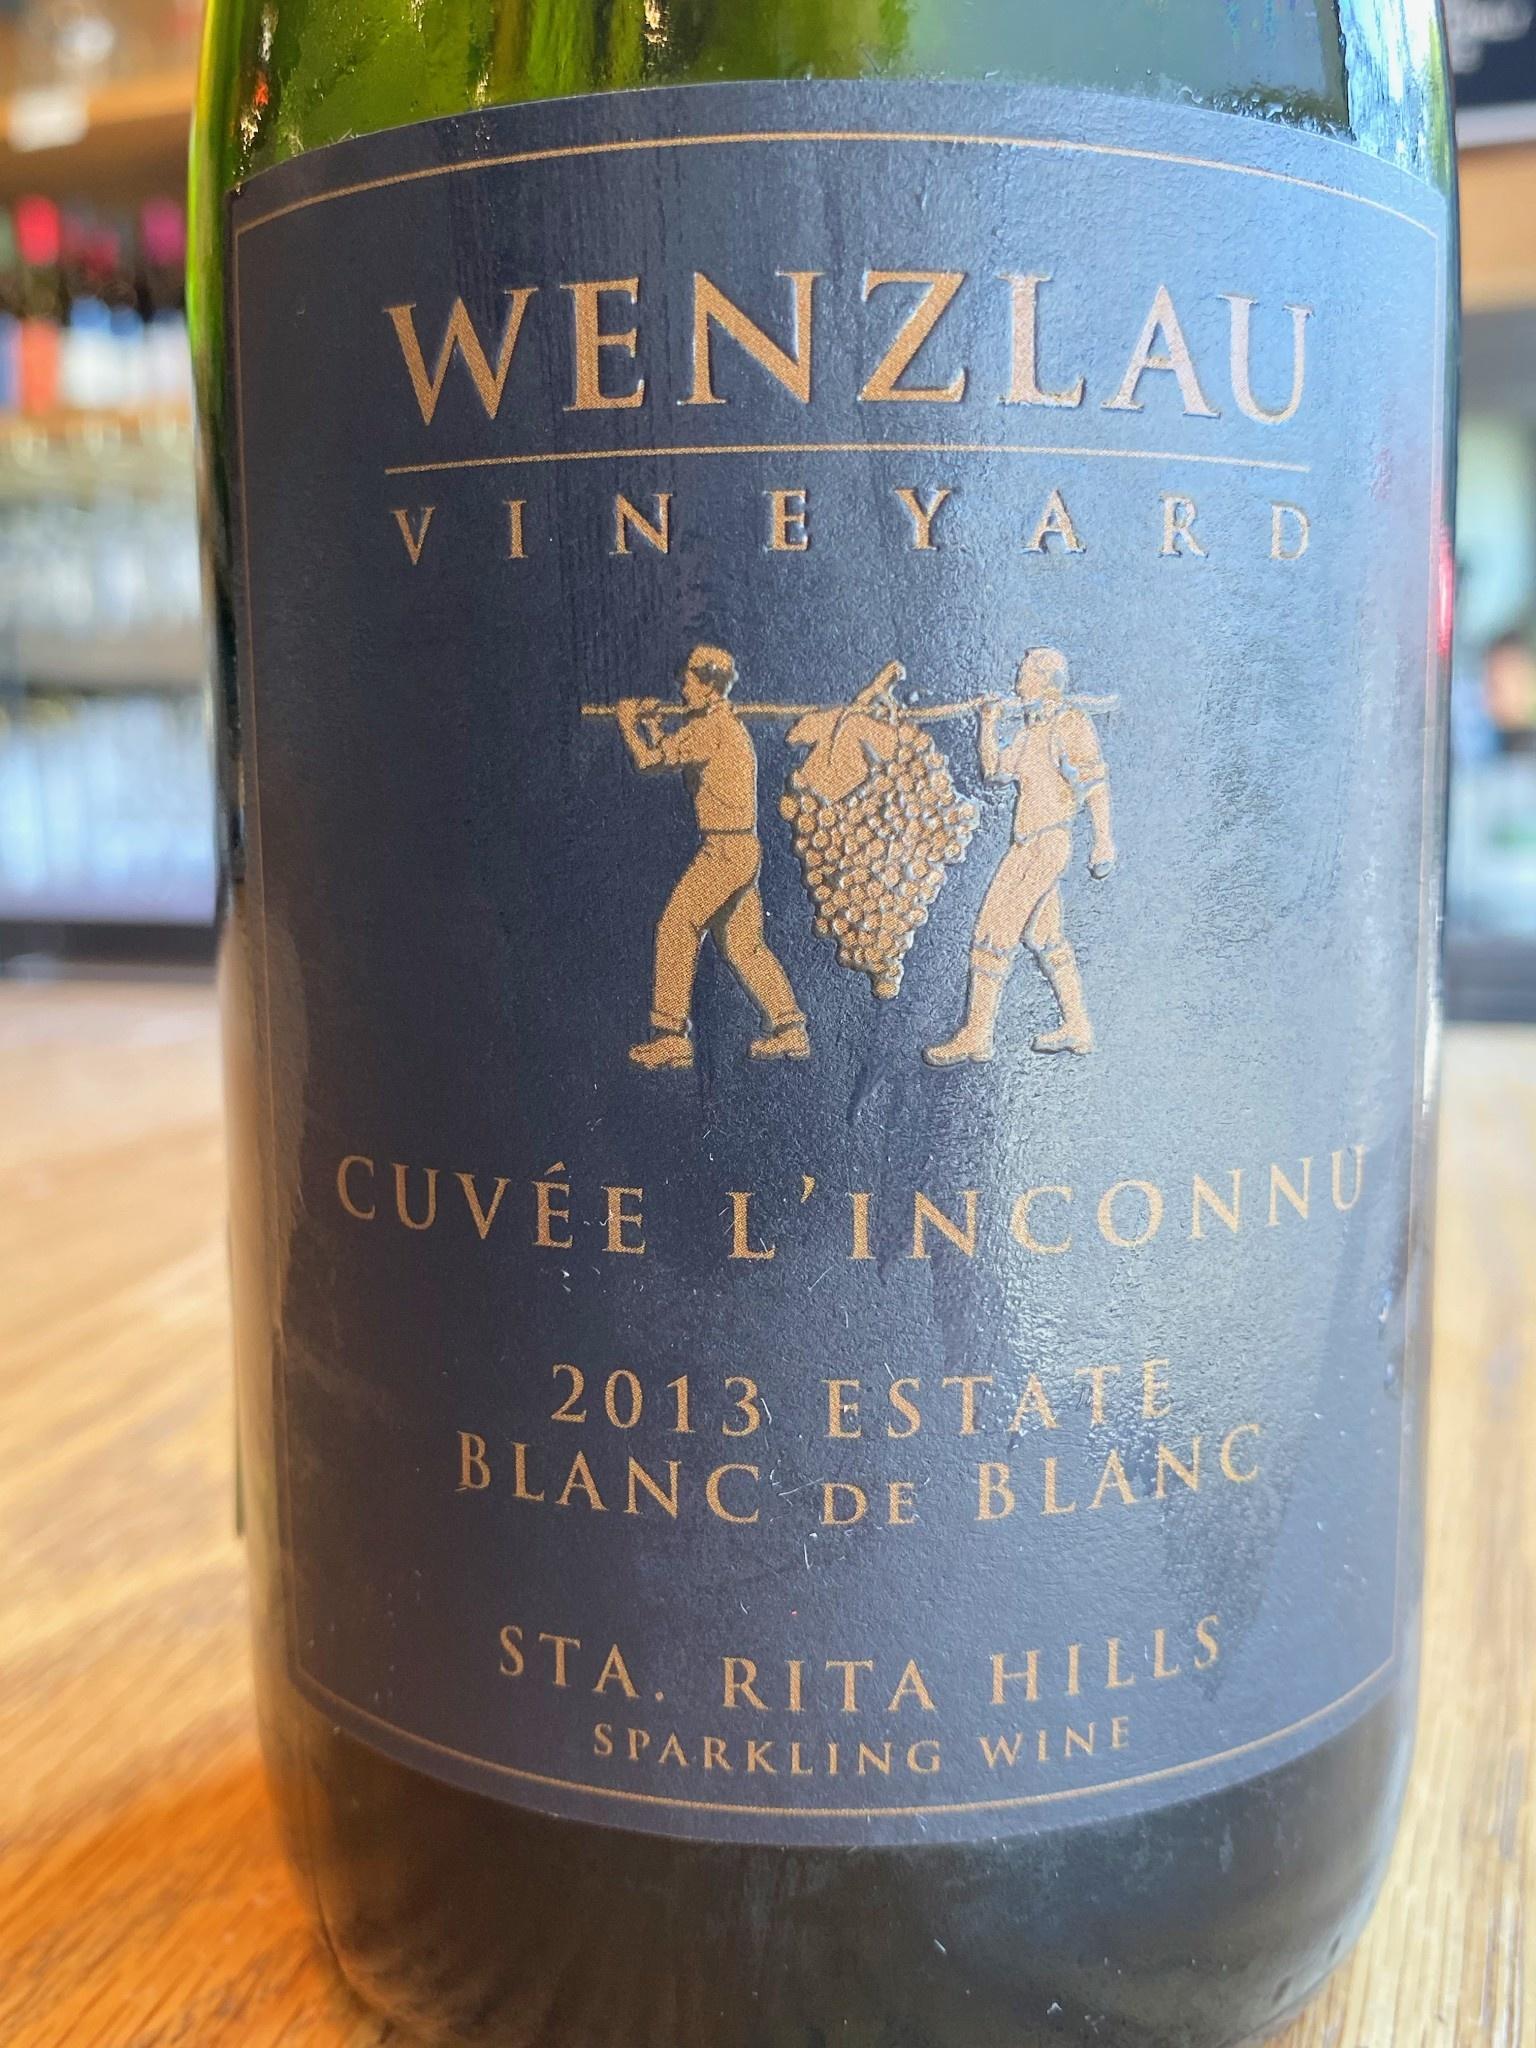 Wenzlau 2013 Wenzlau 'Cuvee L'Inconnu' Blanc de Blanc 750ml